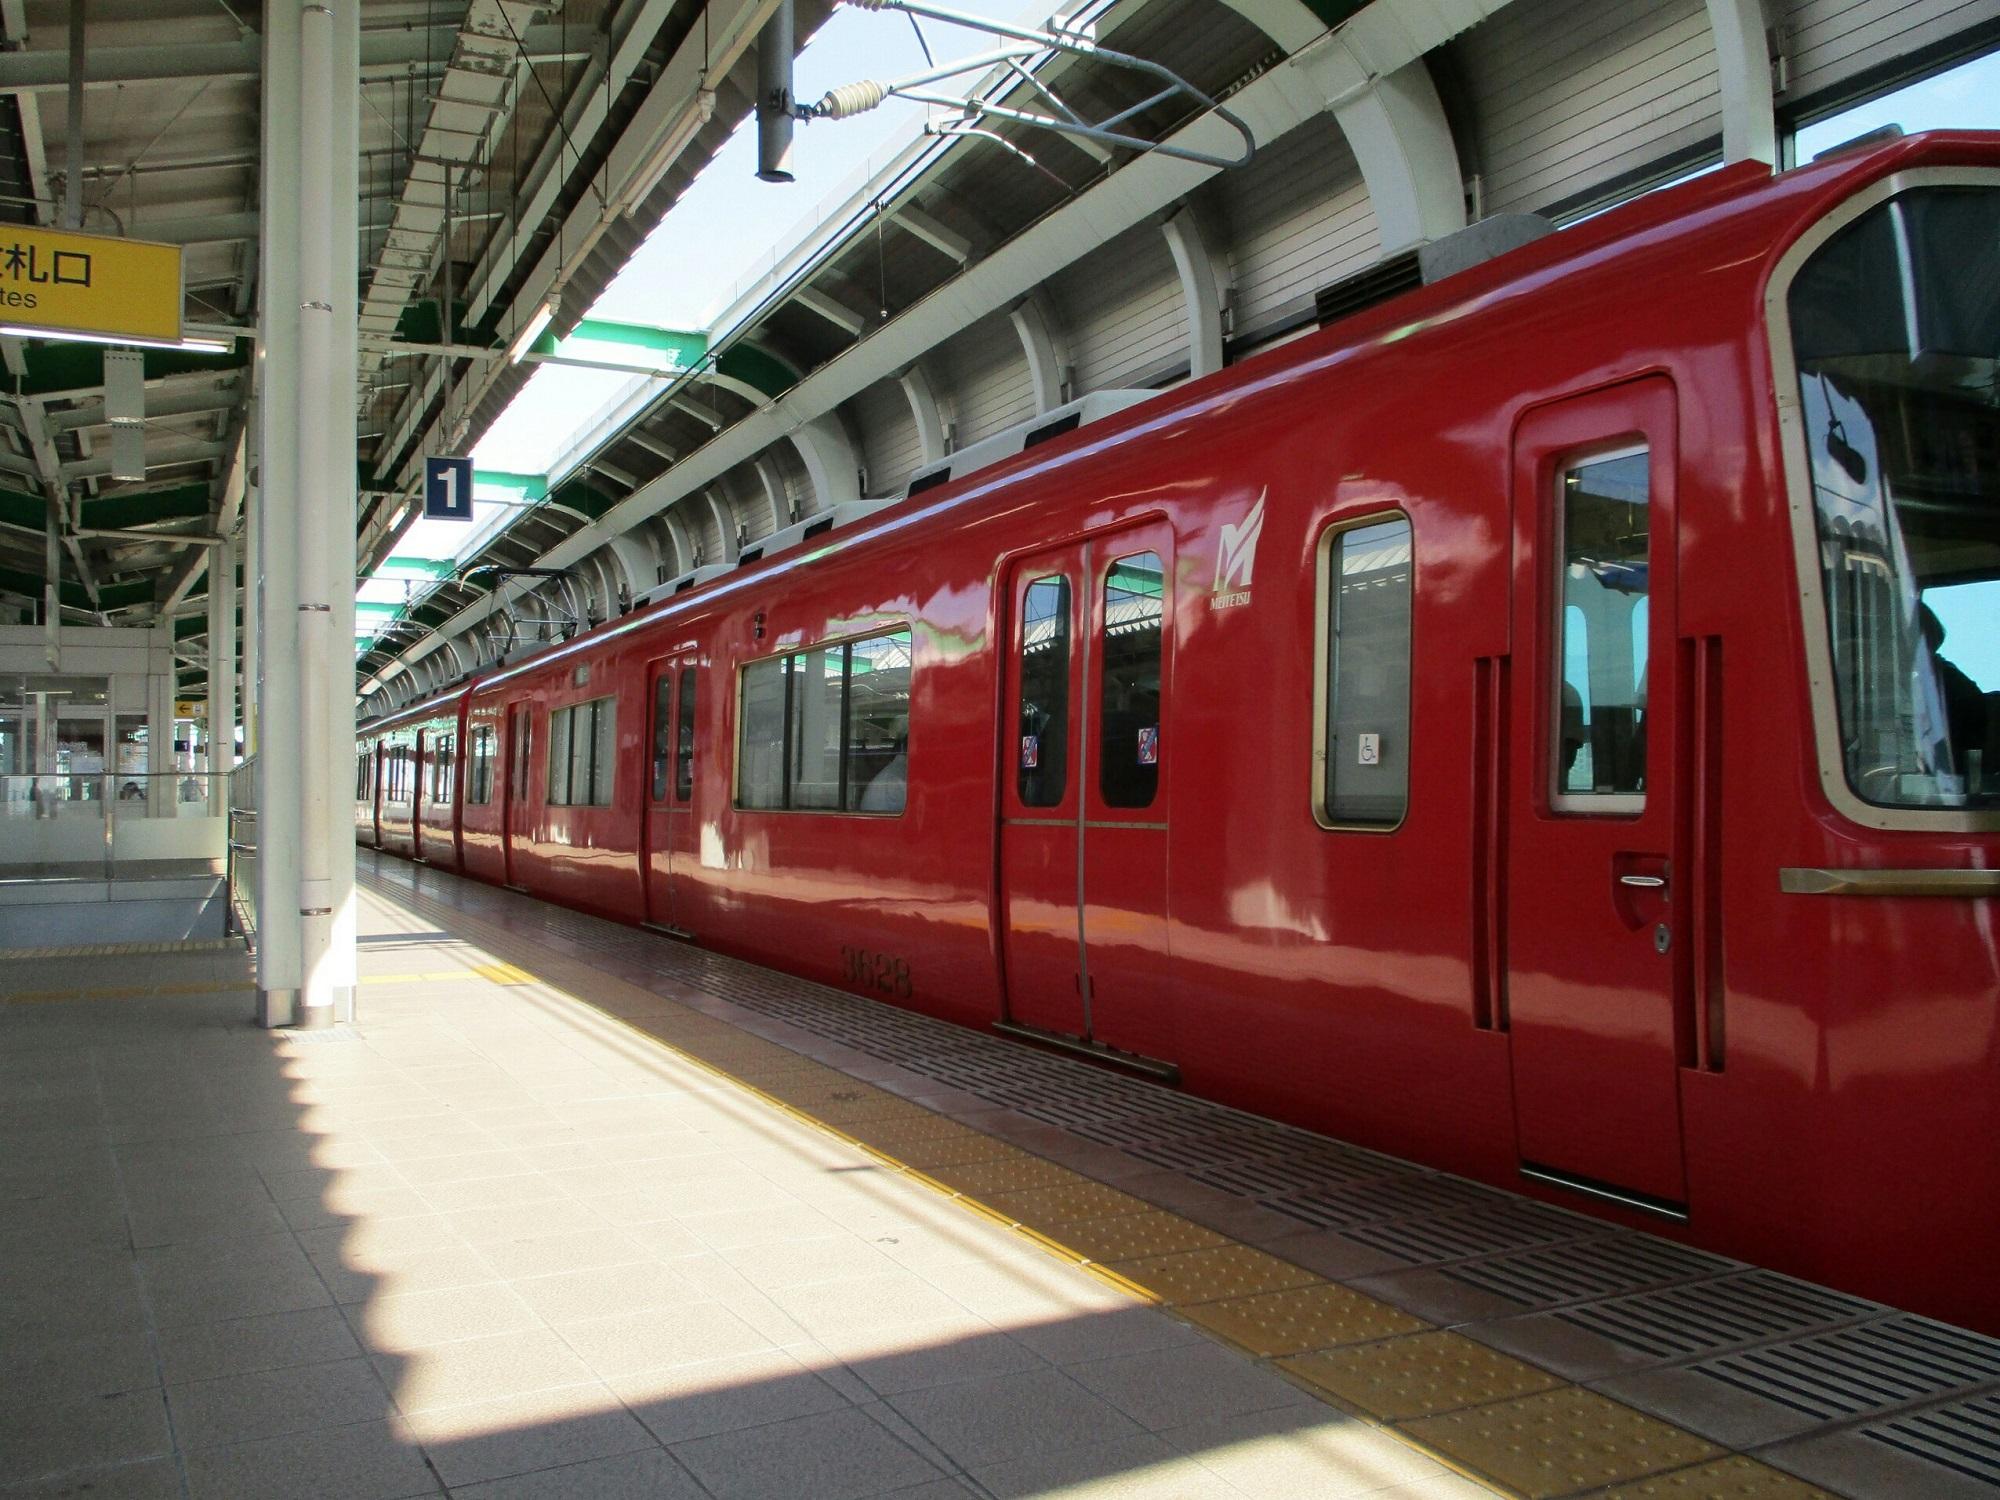 2018.7.21 (21) 鳴海 - 一宮いき急行 2000-1500